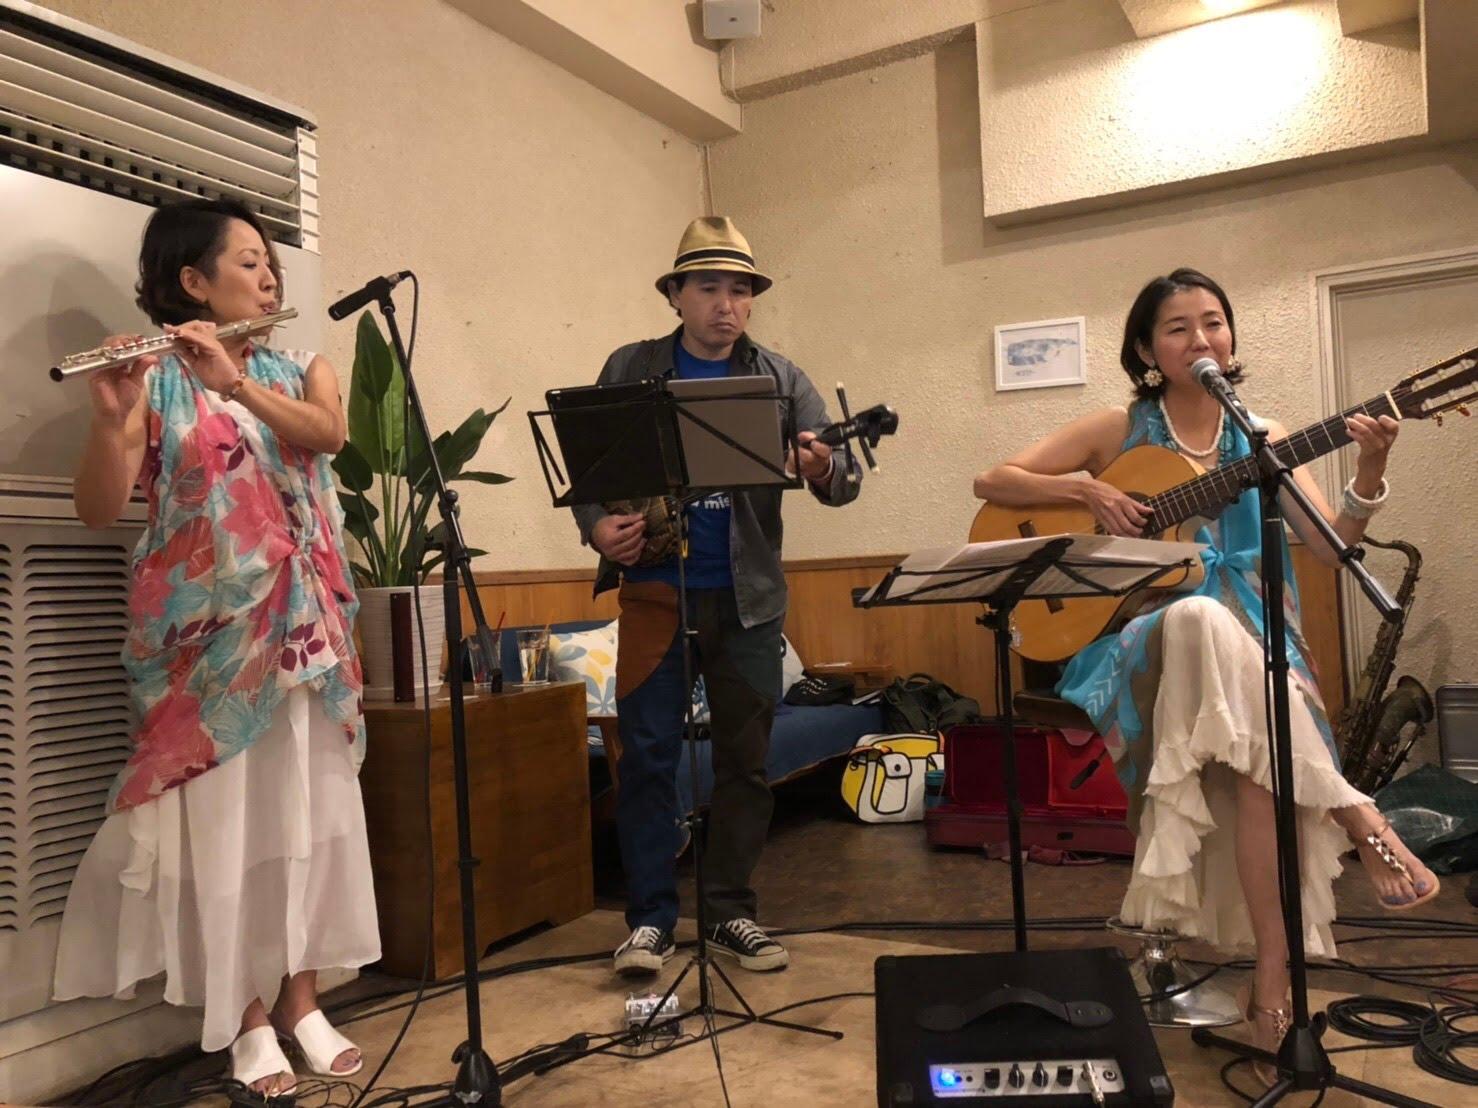 2018年・与論島カフェCOCOにて。全国で活躍する与論島出身アーティストの川畑アキラさんとセッション!